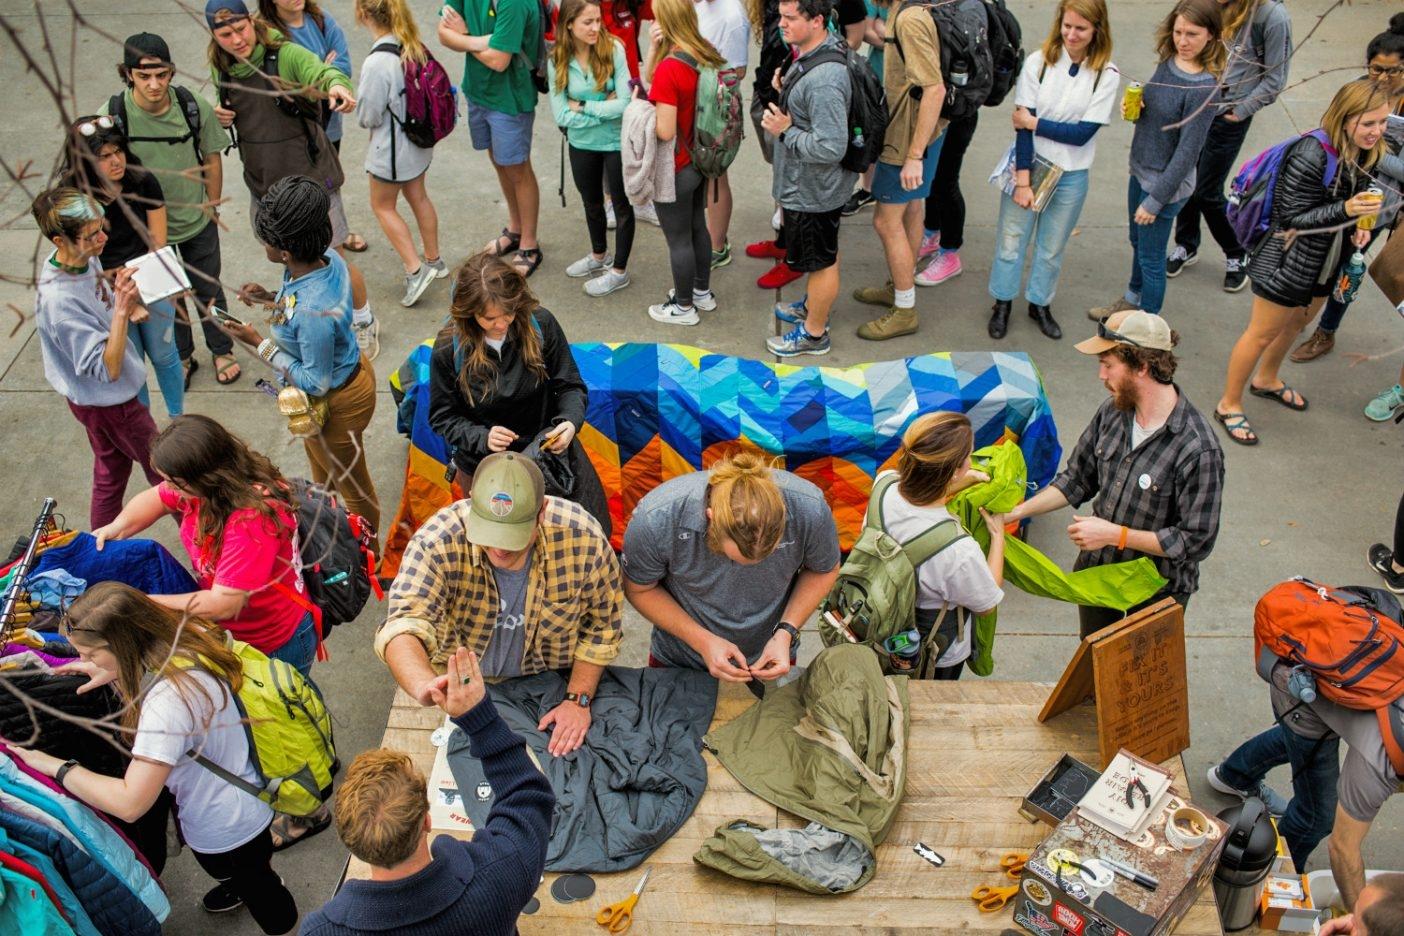 ジョージア大学でハイタッチと引き換えに衣類とギアを修理するWorn Wearのスタッフ。Photo: KERN DUCOTE